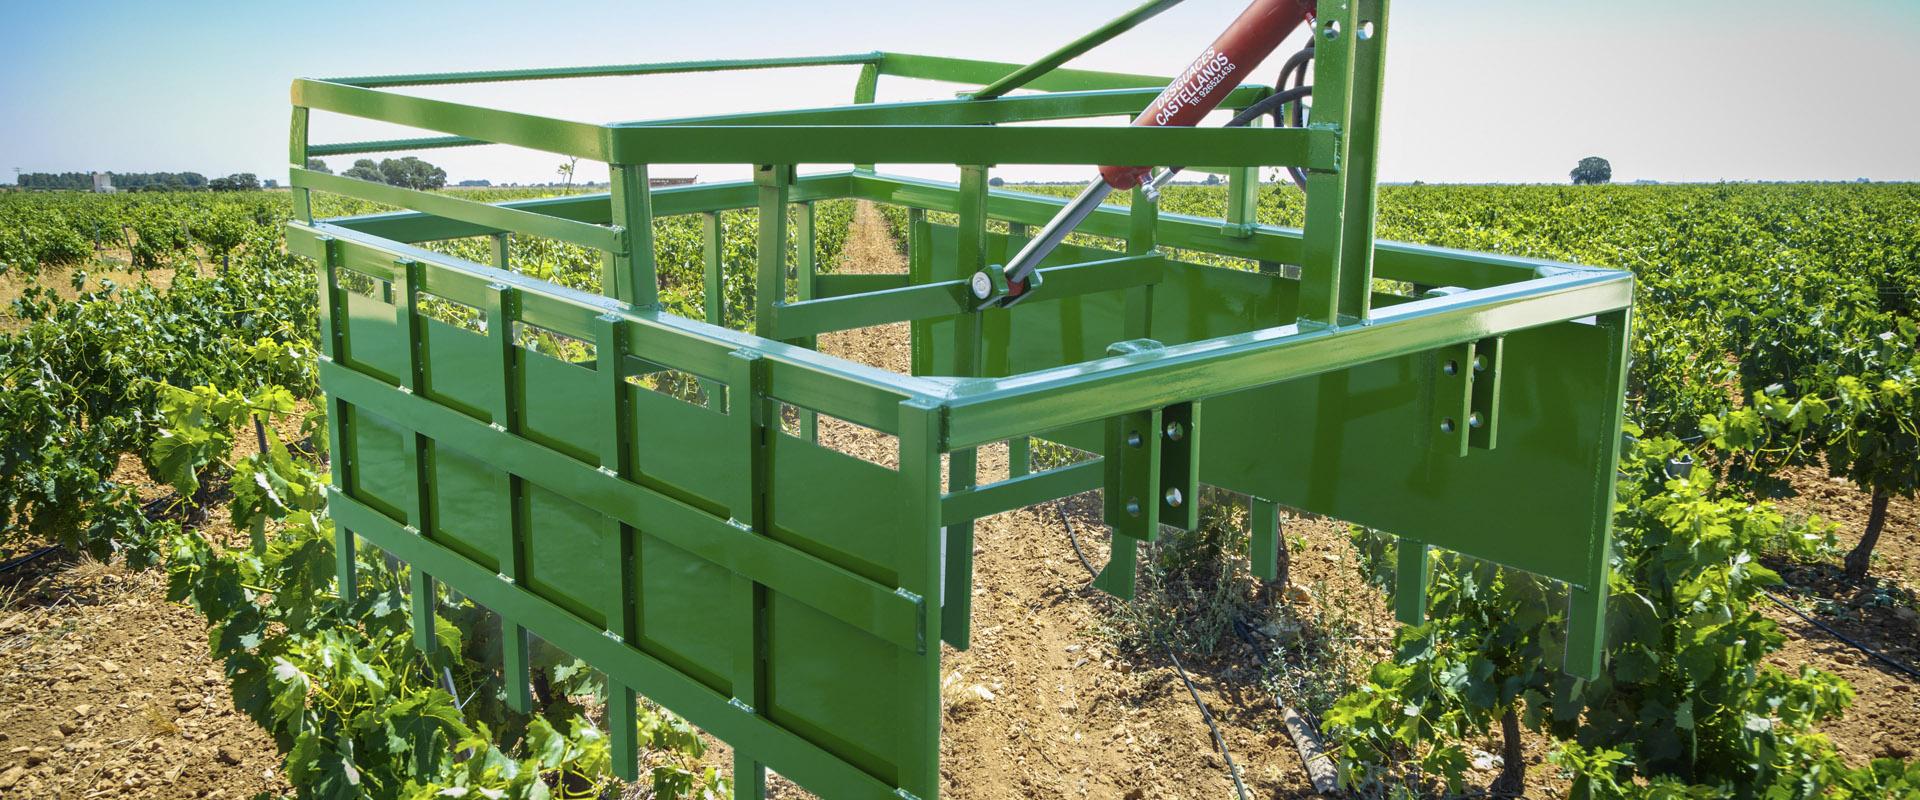 Venta de Aperos Agricolas, nuevos y usados